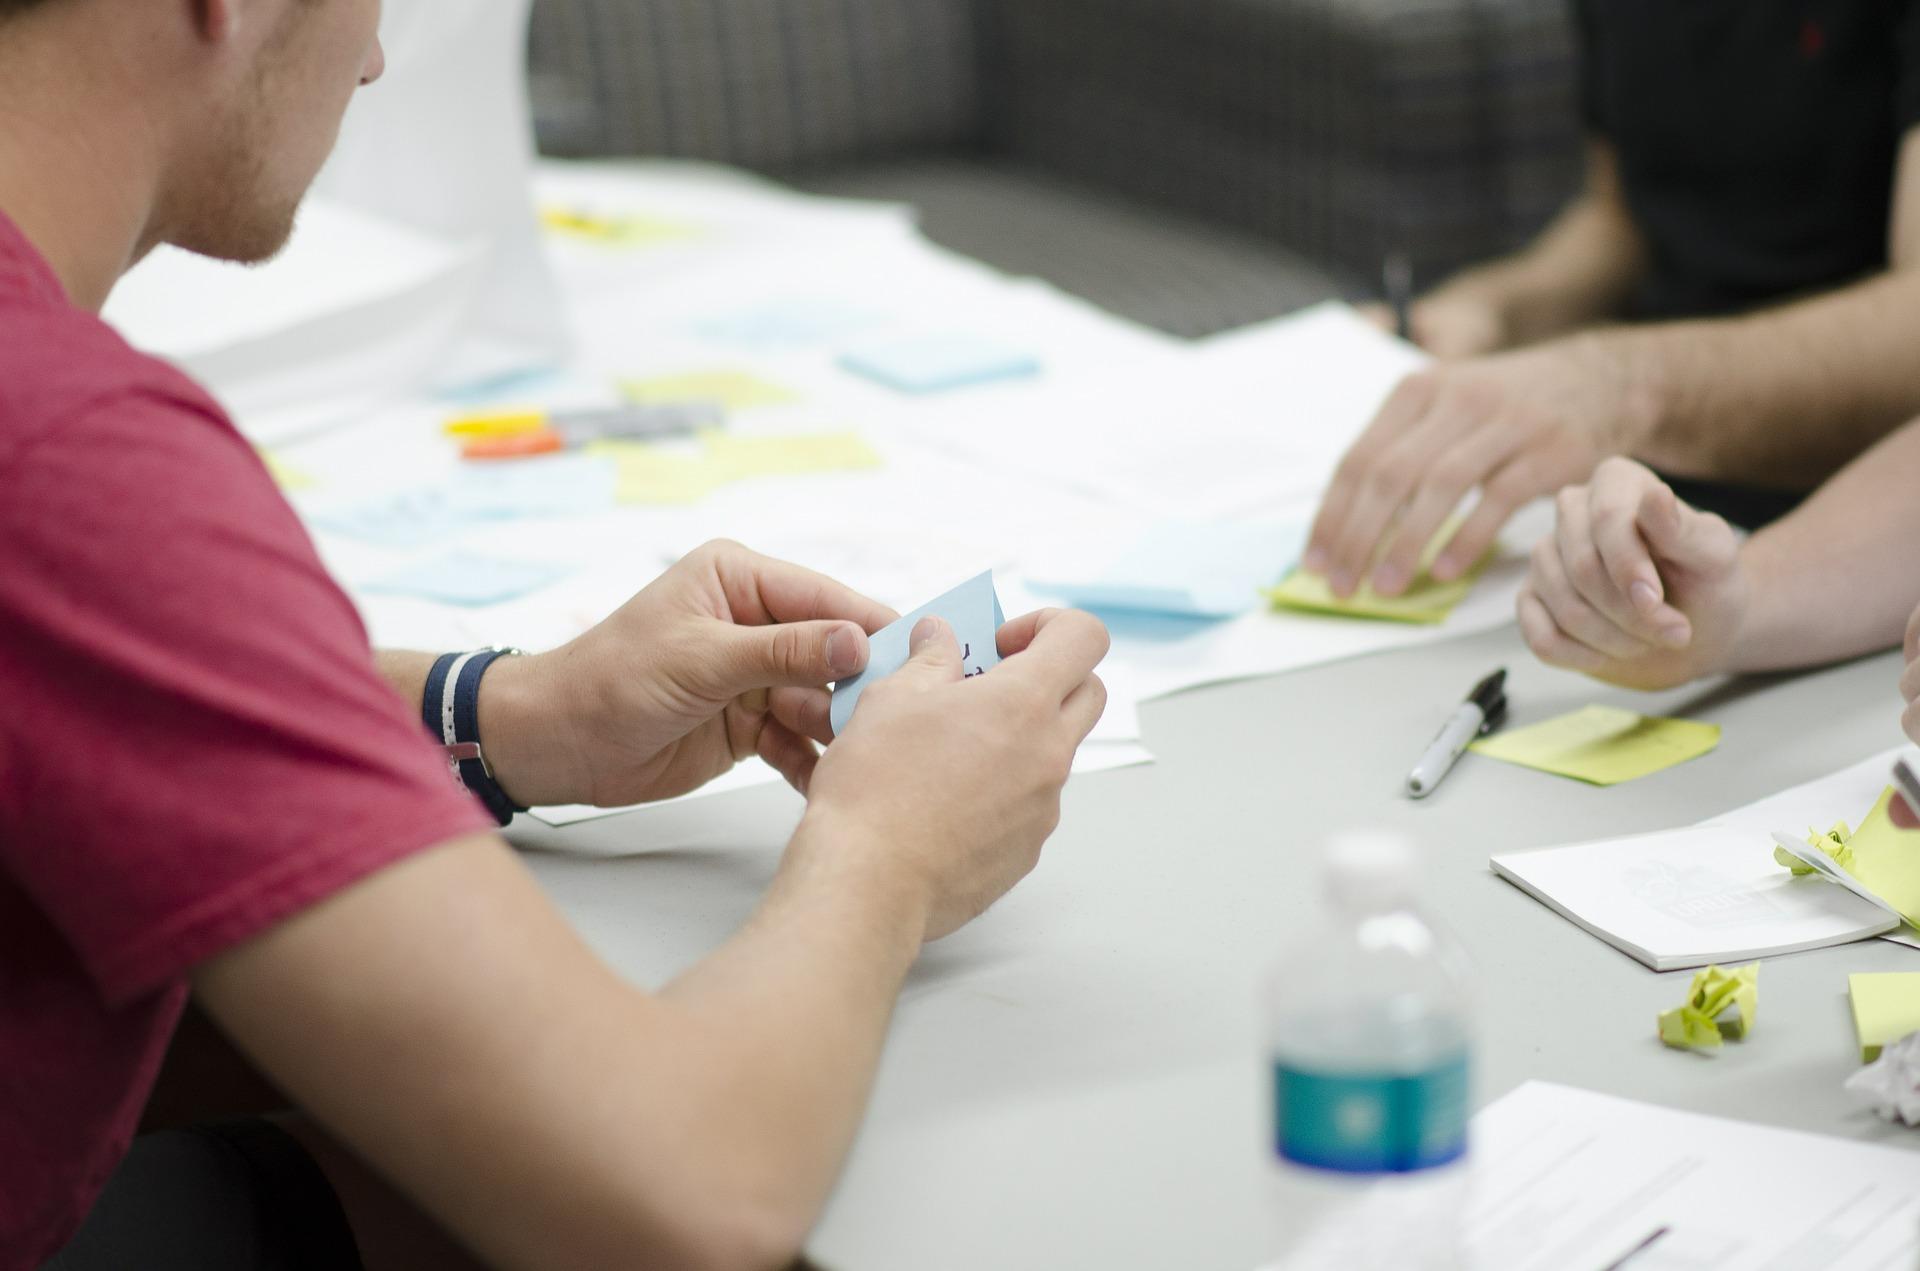 Weiterbildung im Bereich der Personalentwicklung entscheidend für den beruflichen Erfolg